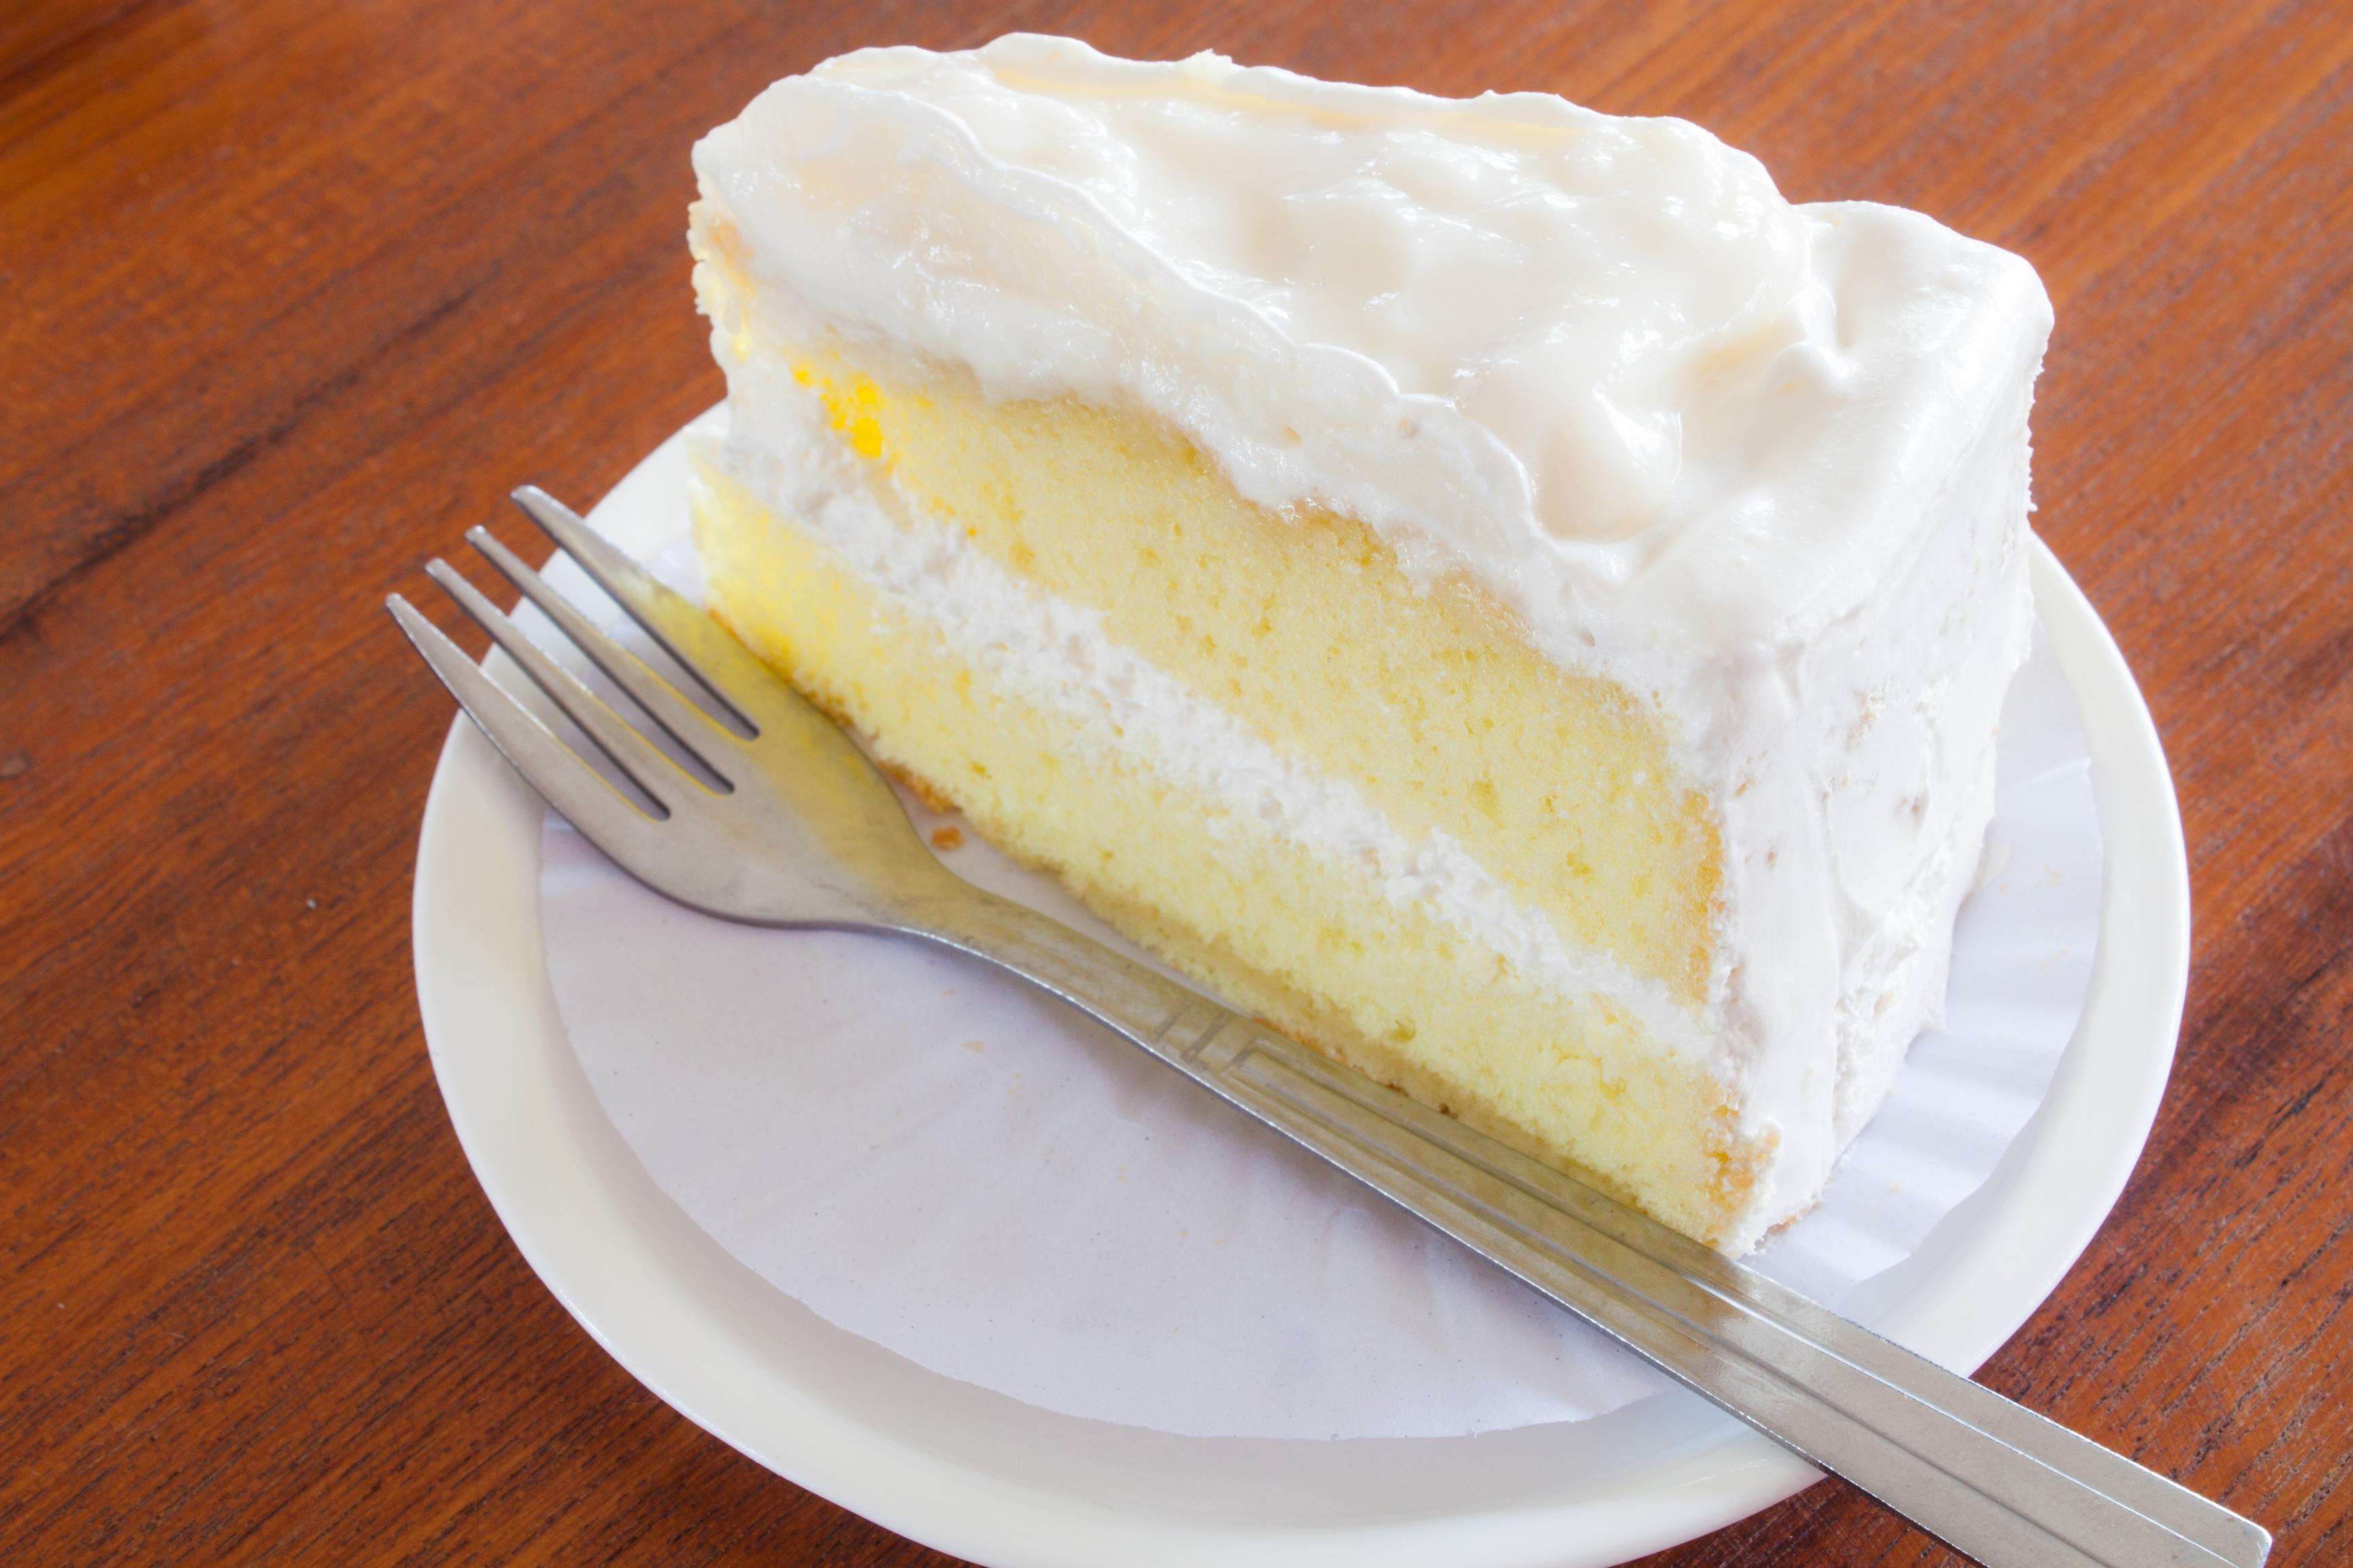 National Lemon Chiffon Cake Day 2019